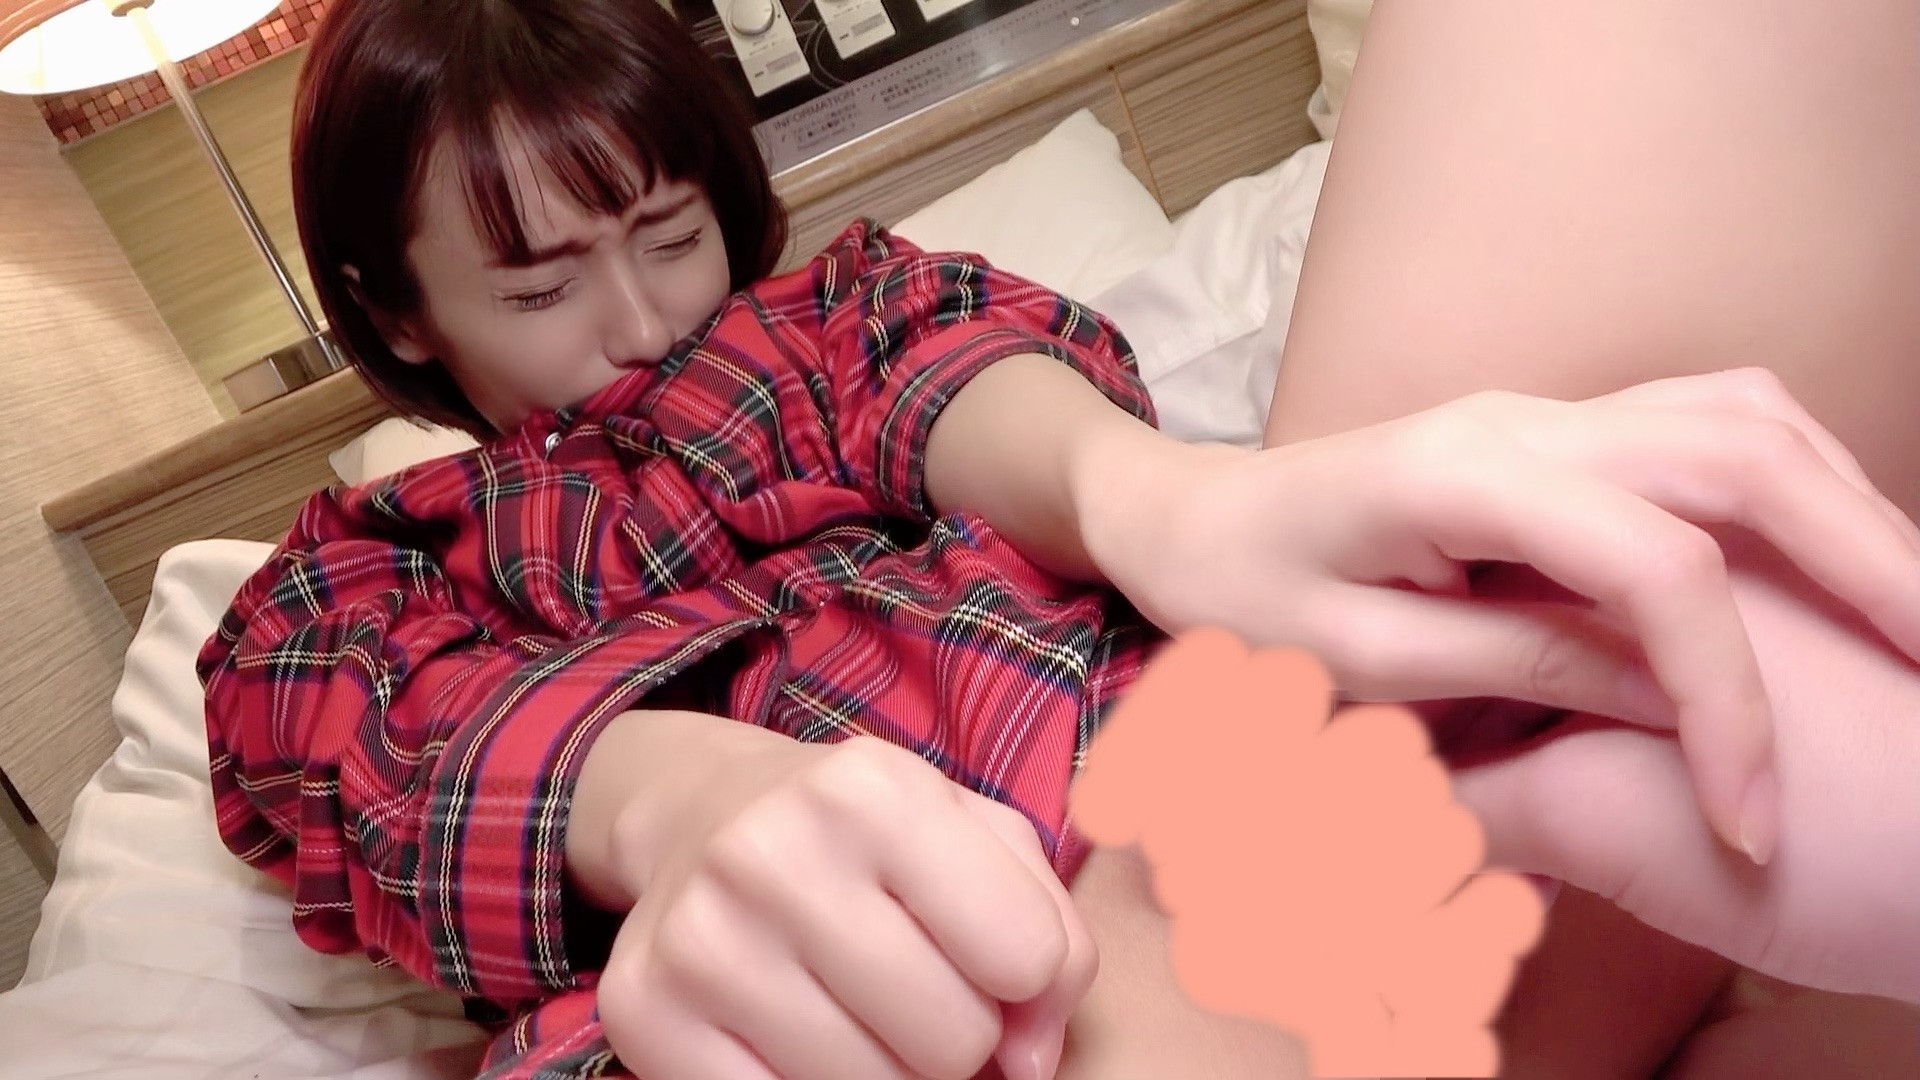 無 アイドル級ロリ美少女 148/32 に巨根をぶち込んでいく